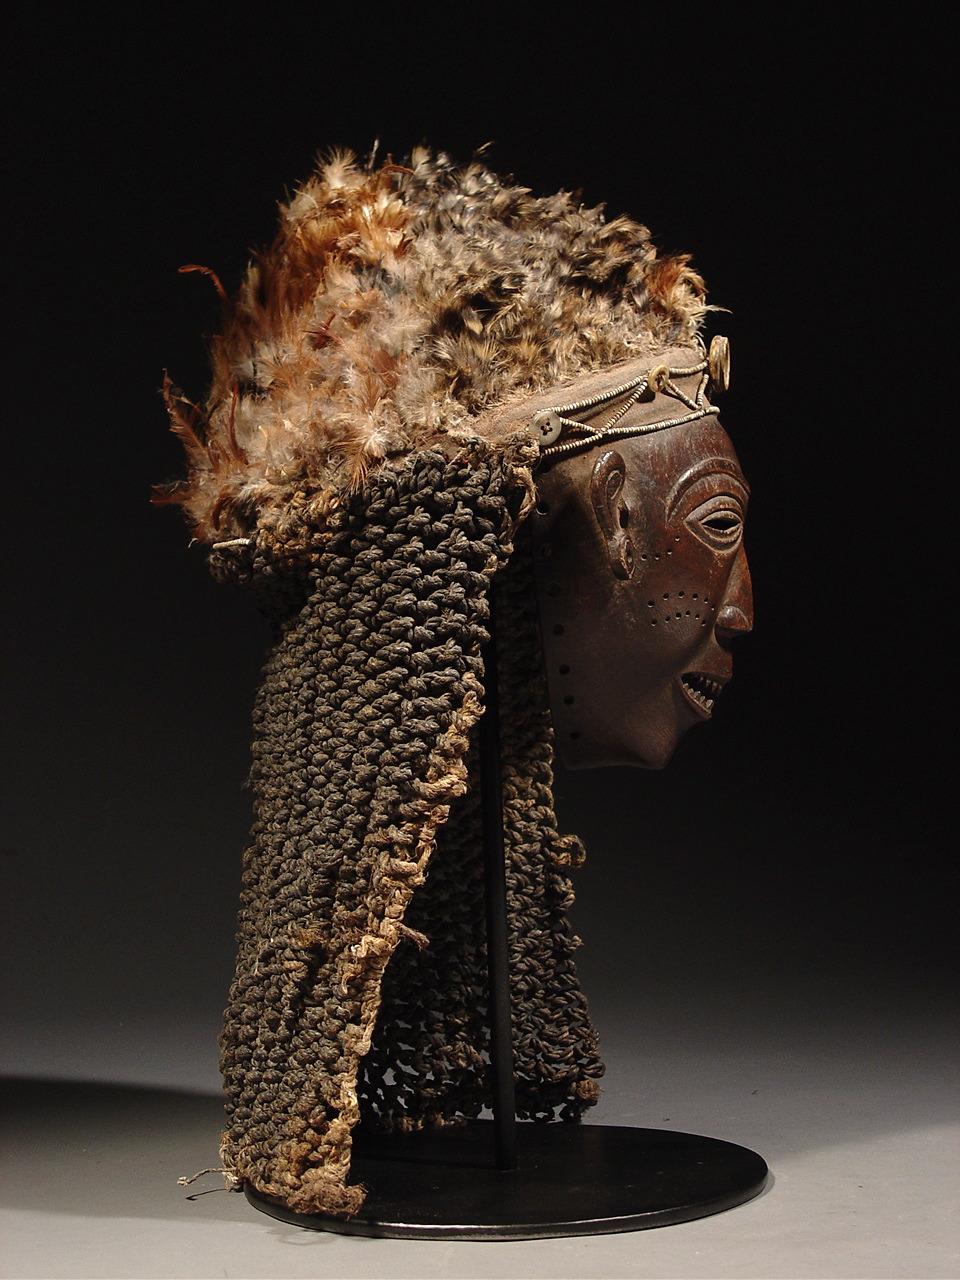 D Exhibition Zambia : Luvale lwena mwana pwevo mask rand african art